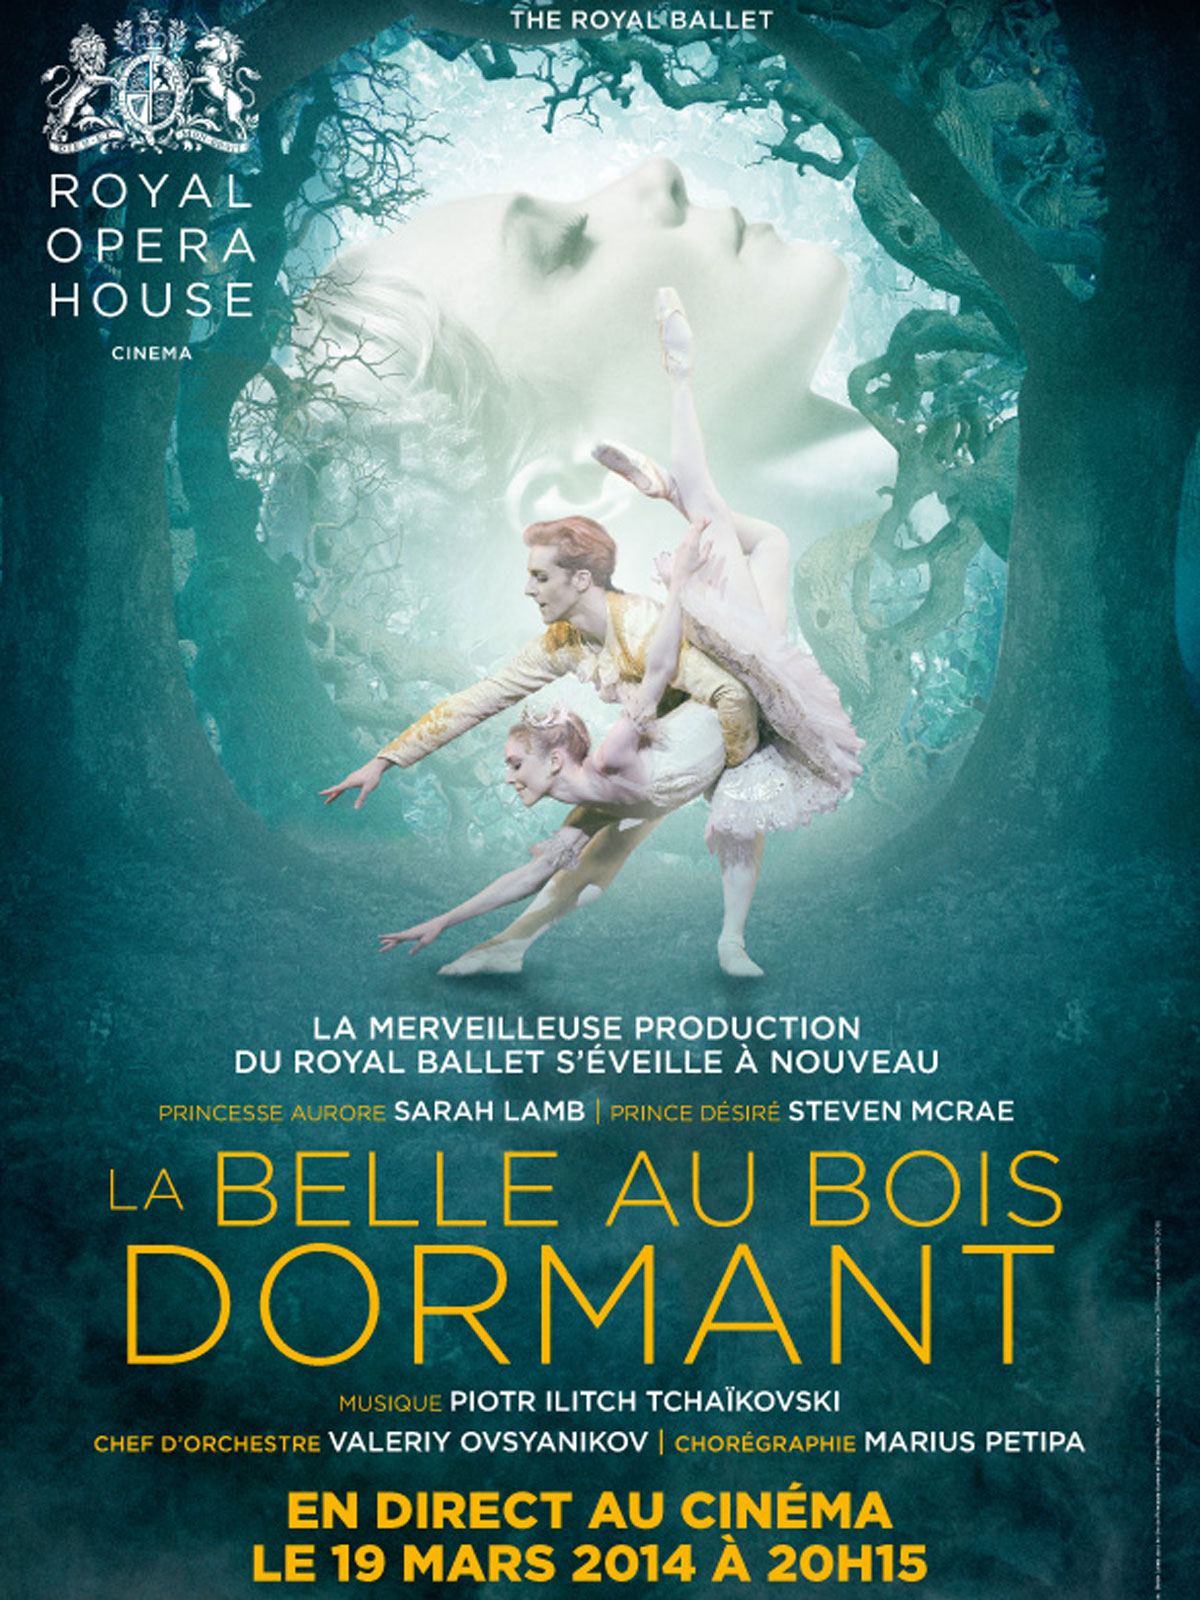 La Belle au bois dormant (Côté Diffusion)  film 2014  AlloCiné ~ Film Complet La Belle Au Bois Dormant